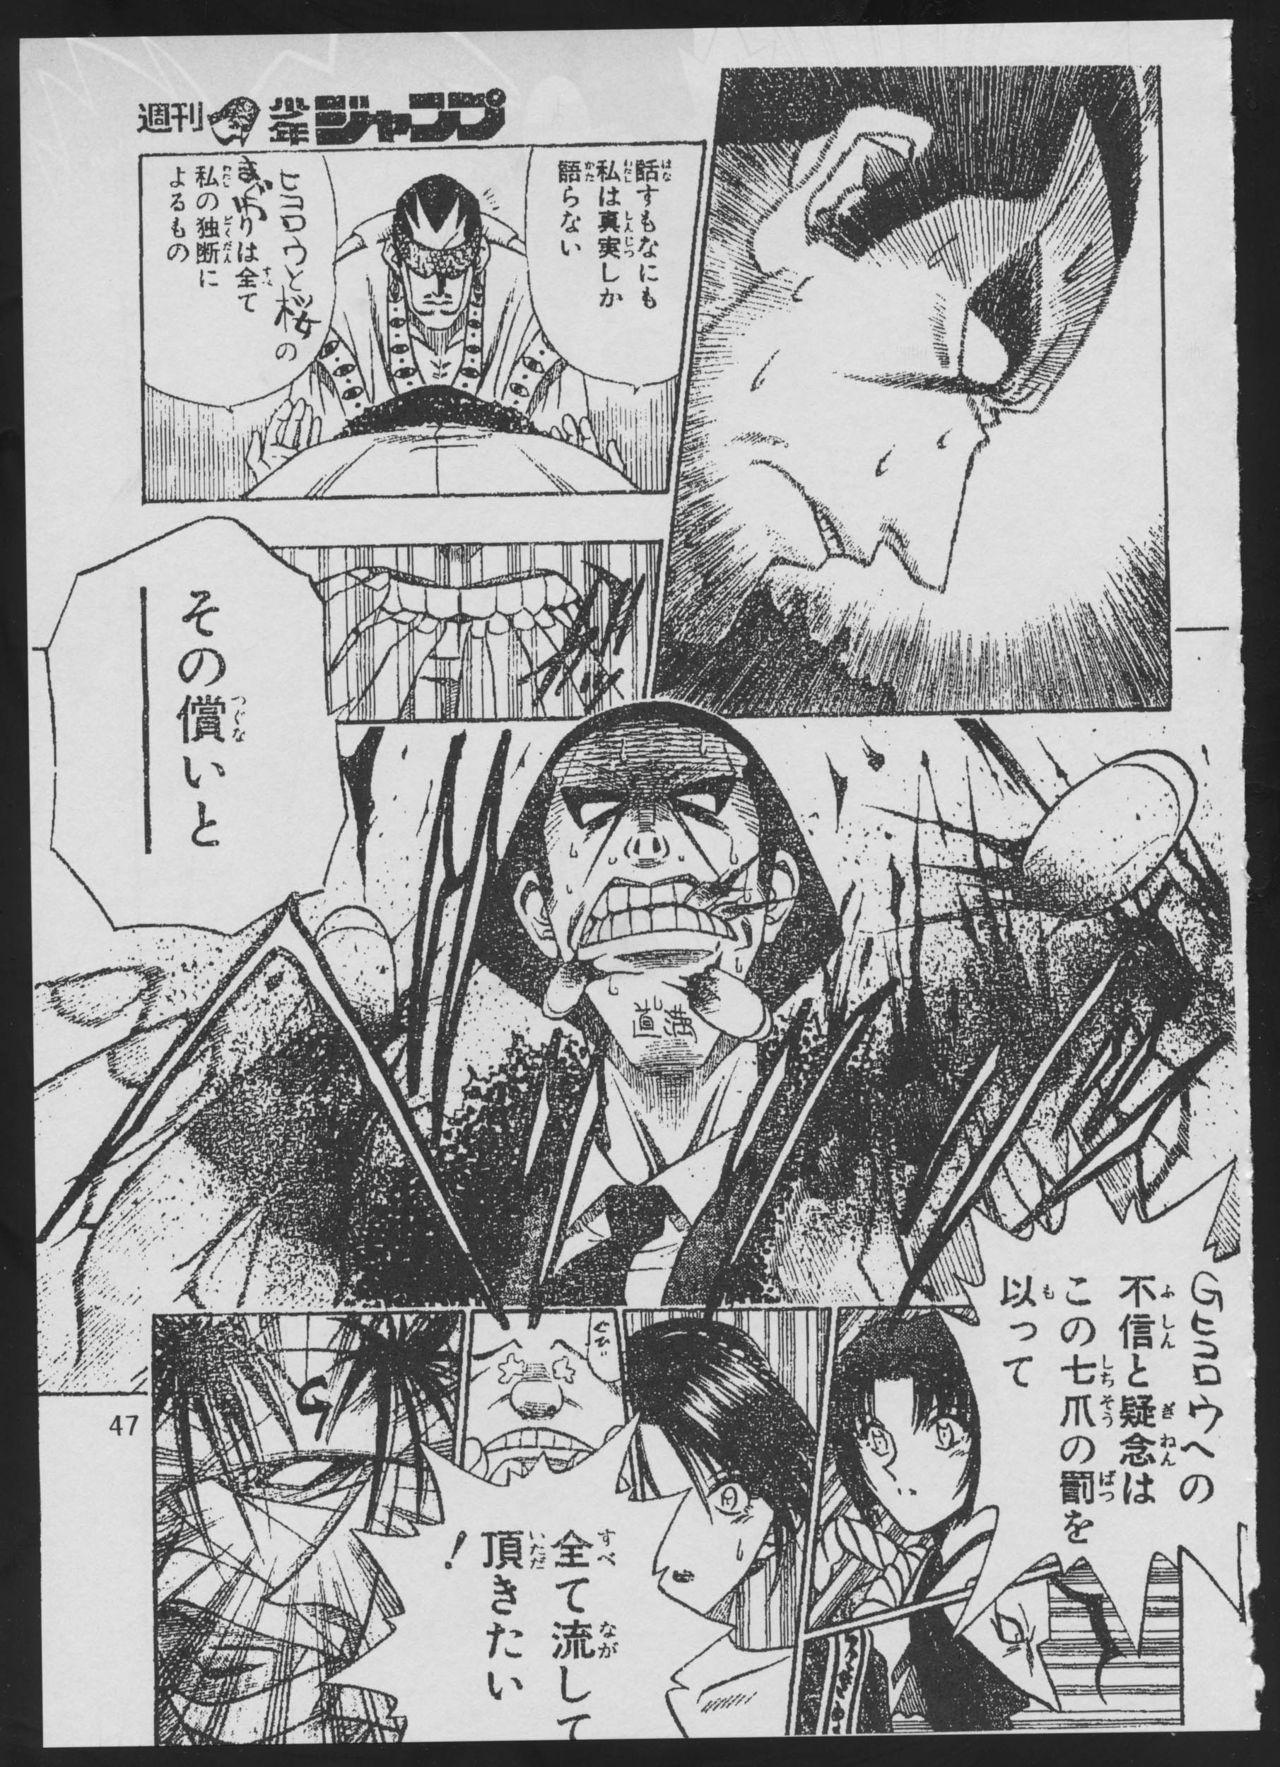 '96 Natsu no Game 18-kin Special 46